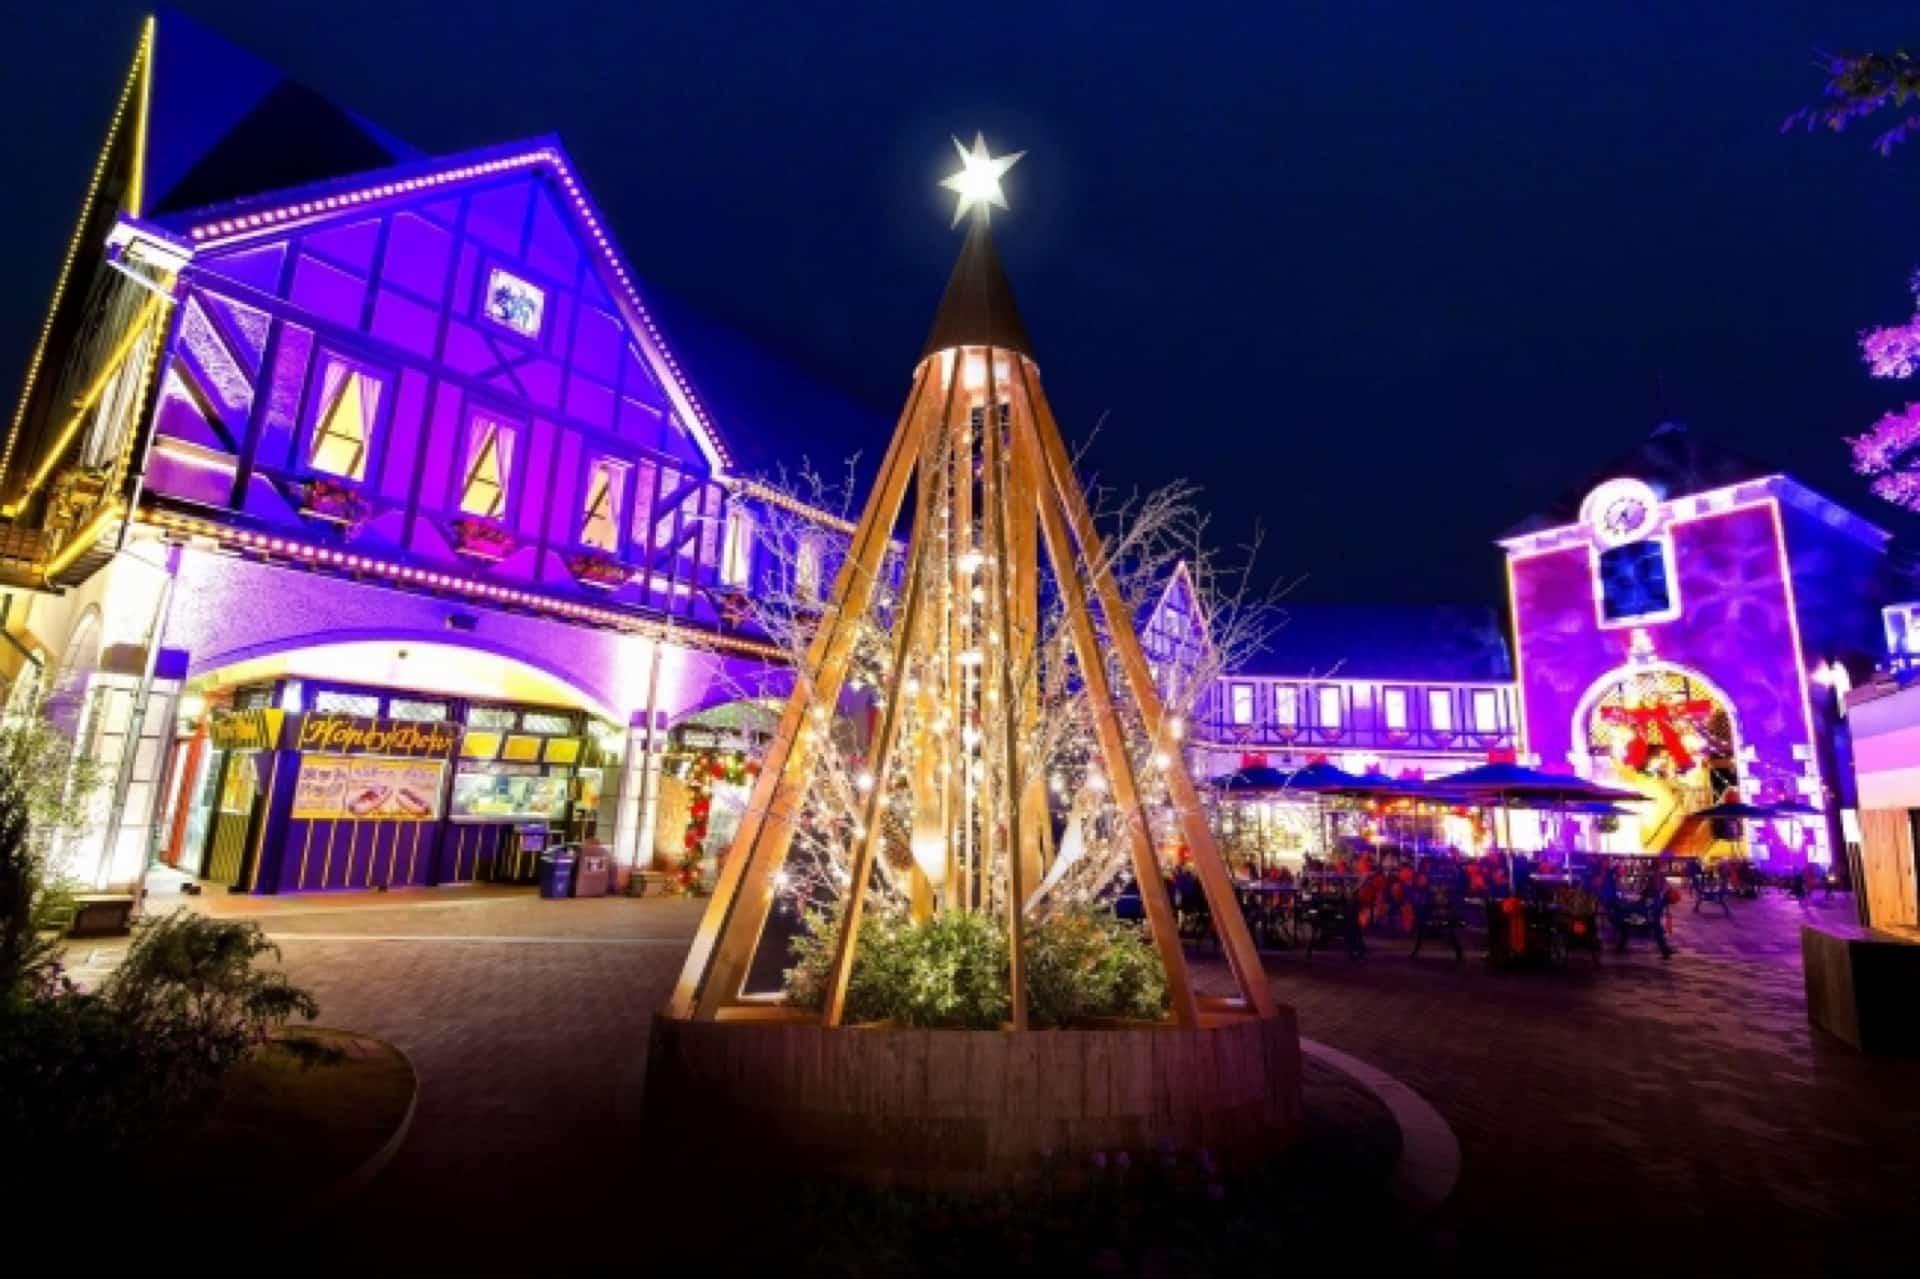 神戸布引ハーブ園で「古城のクリスマス2018」開催。夜景&イルミネーションが楽しめてデートにおすすめ